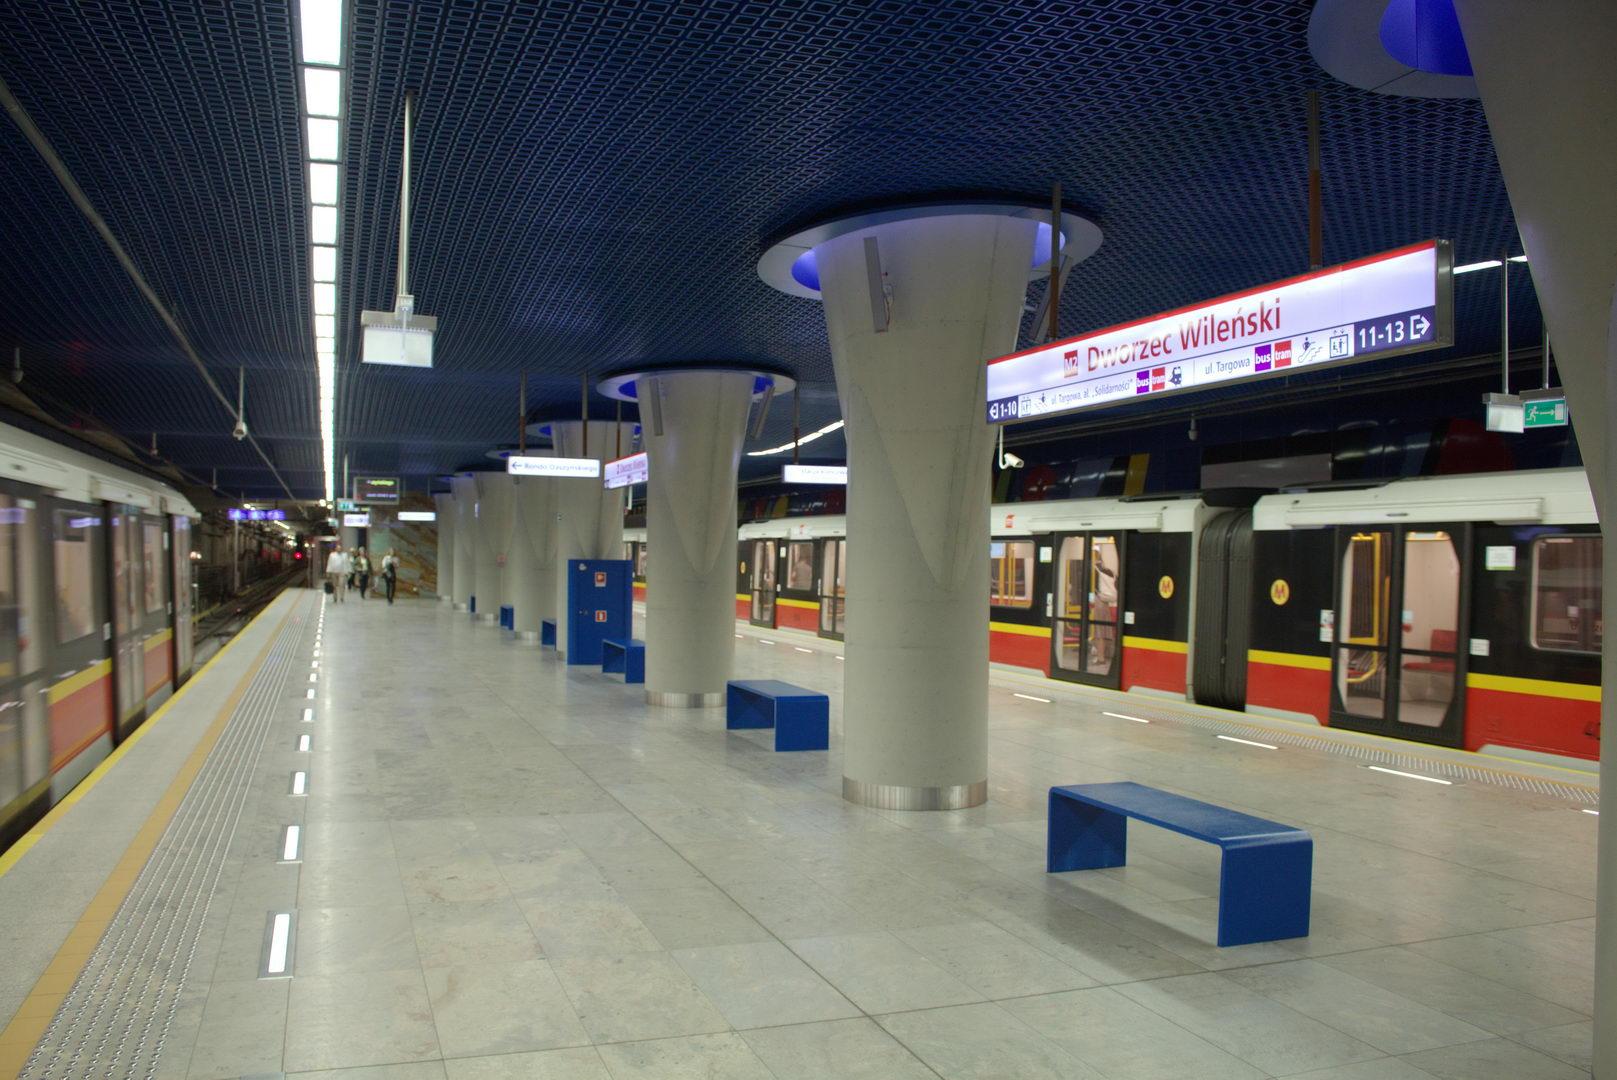 metro warszawskie ewakuacja stacji metra dworzec wile ski kolejowy portal dla. Black Bedroom Furniture Sets. Home Design Ideas